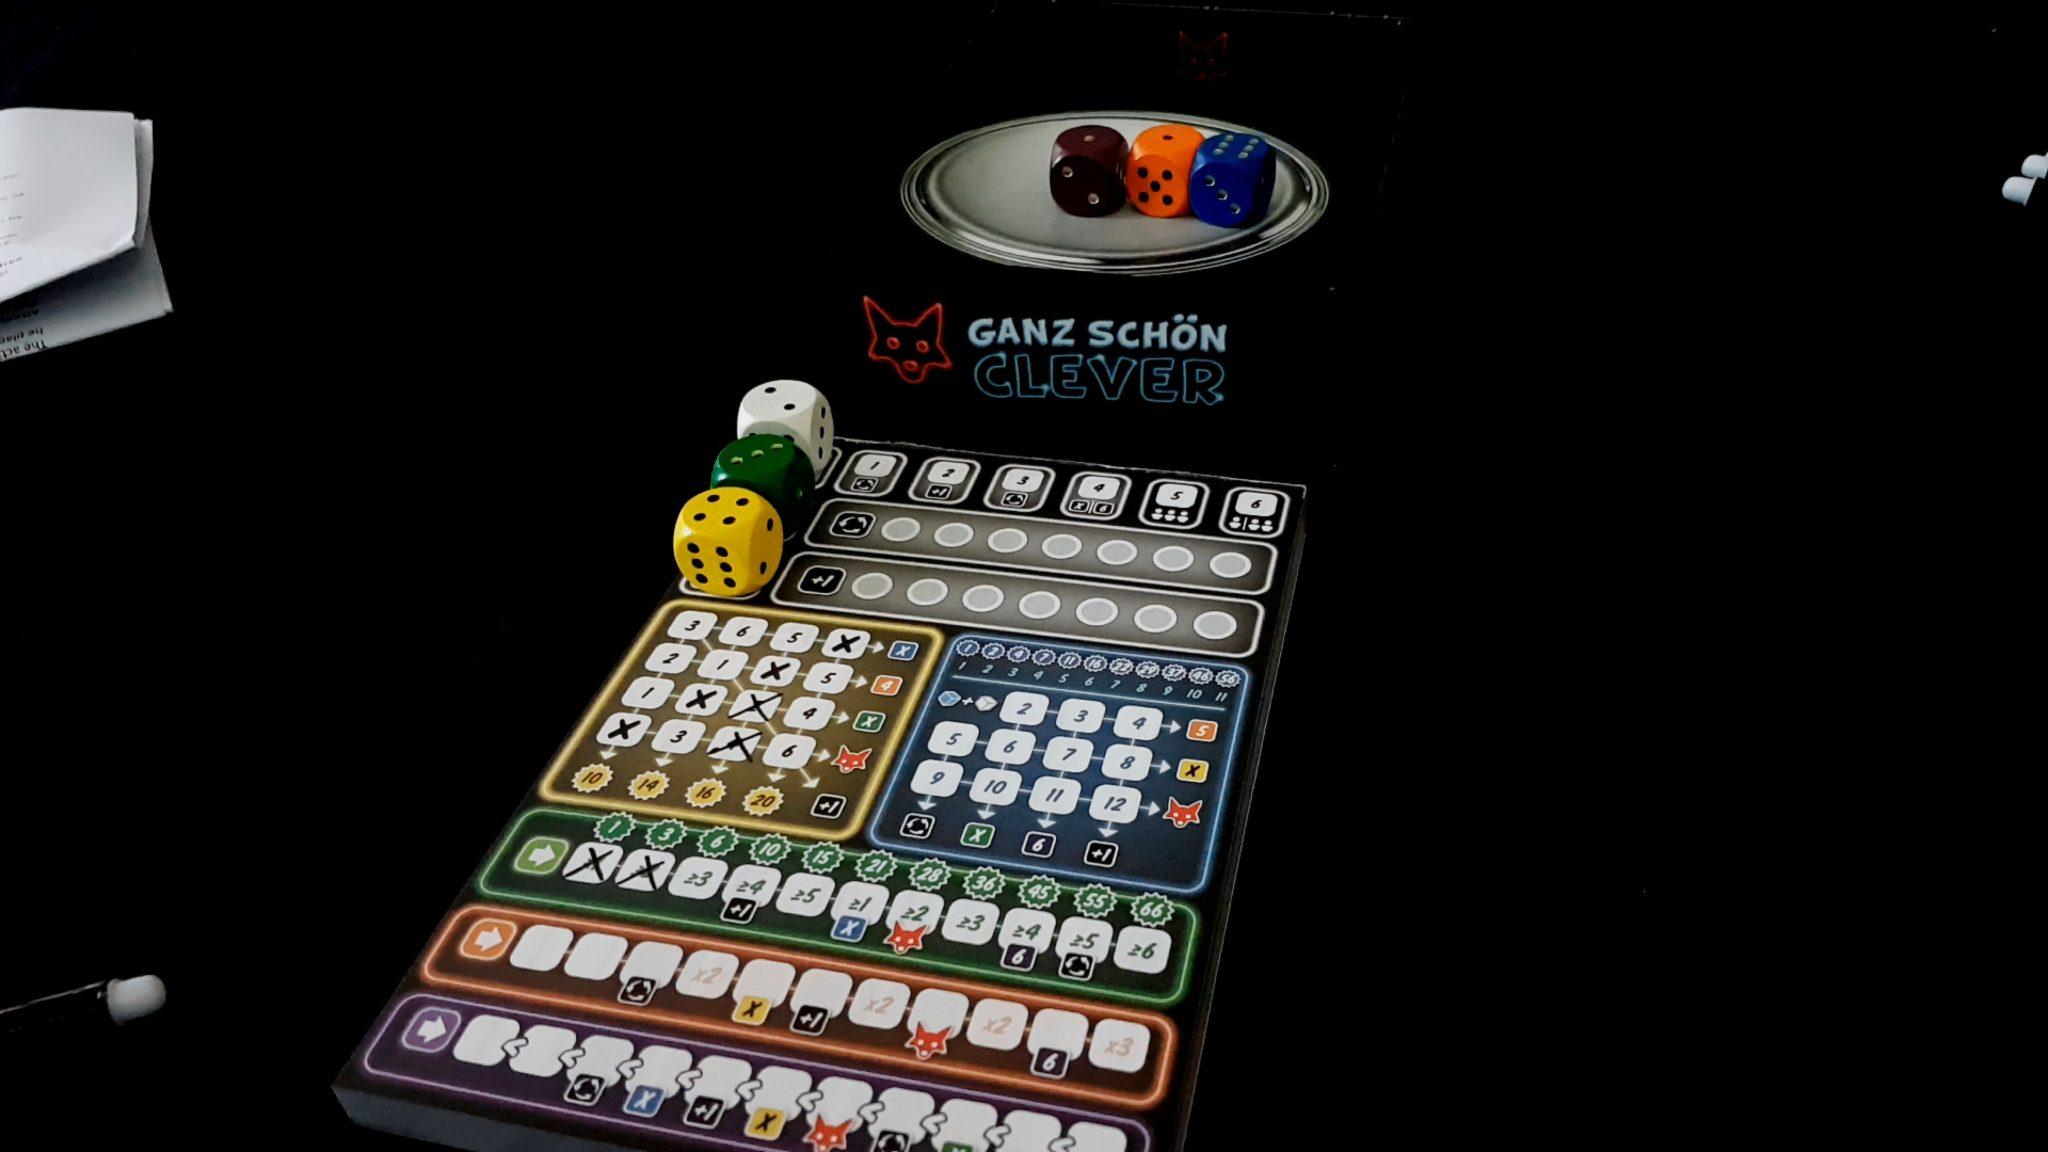 Claimed dice